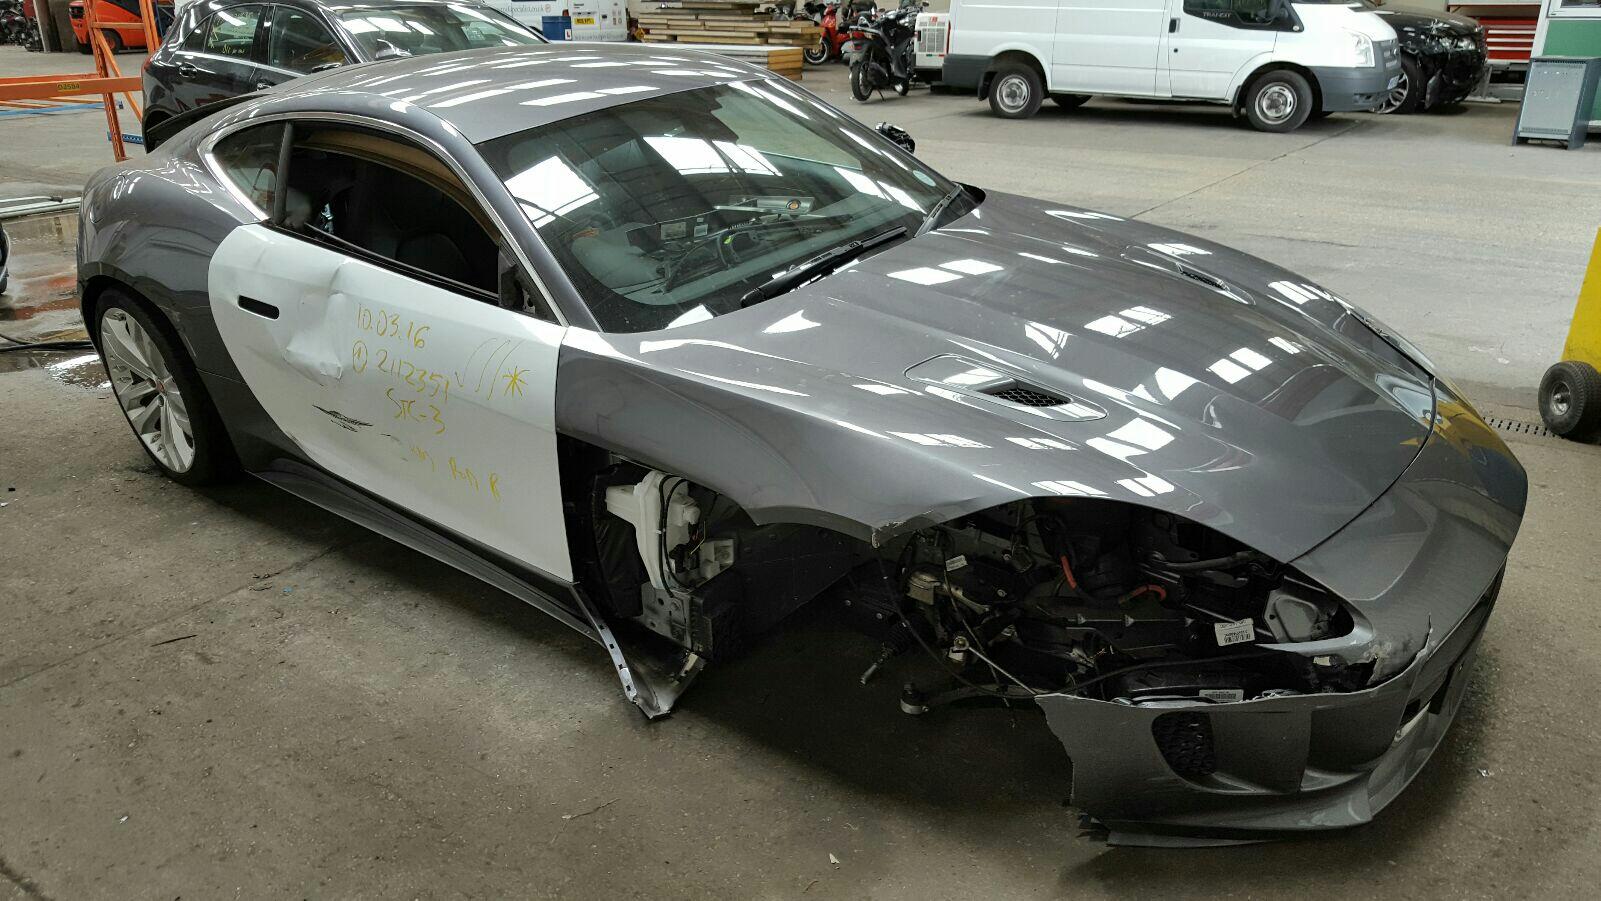 Image for a Jaguar F Type 2016 2 Door Coupe Breaking